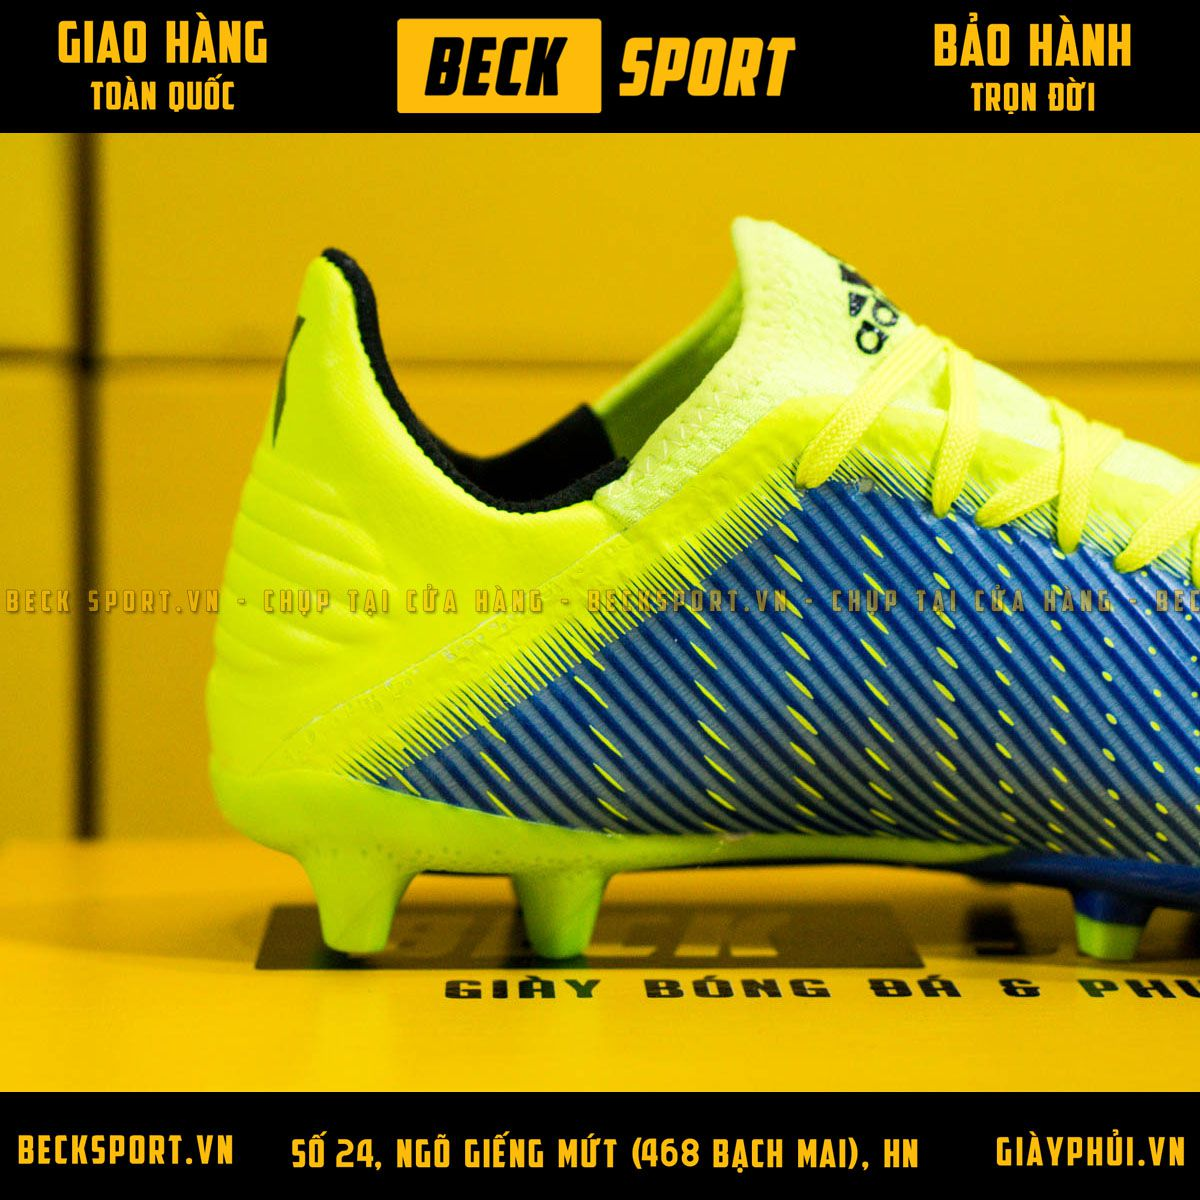 Giày Bóng Đá Adidas X 19.3 Xanh Biển Vạch Chuối Gót Chuối FG